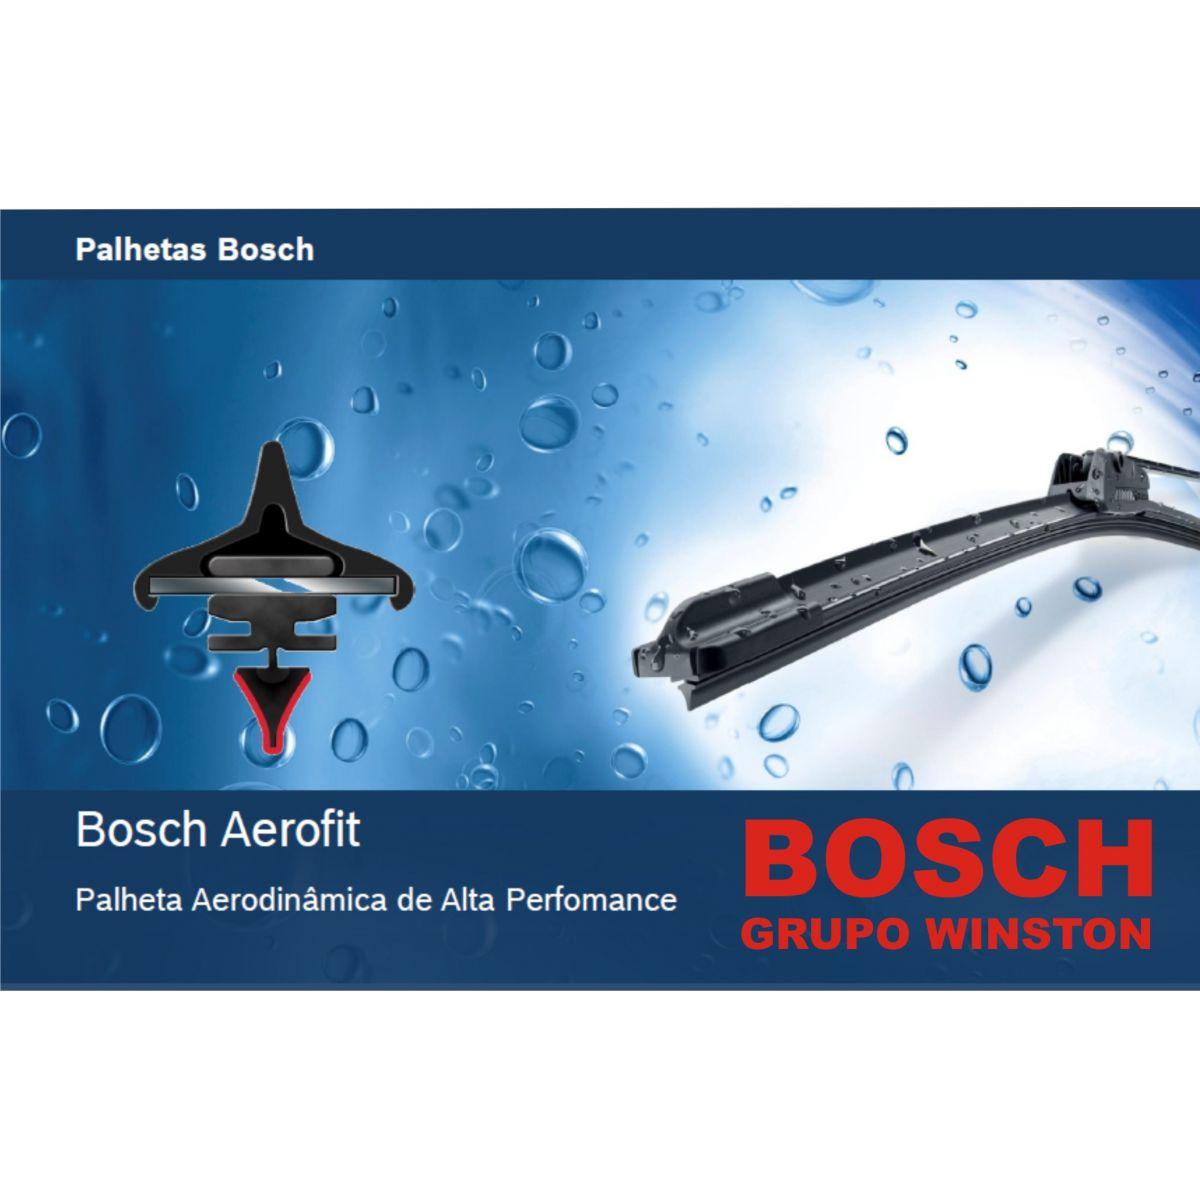 Palheta Bosch Aerofit Limpador de para brisa Bosch HYUNDAI Excel H100